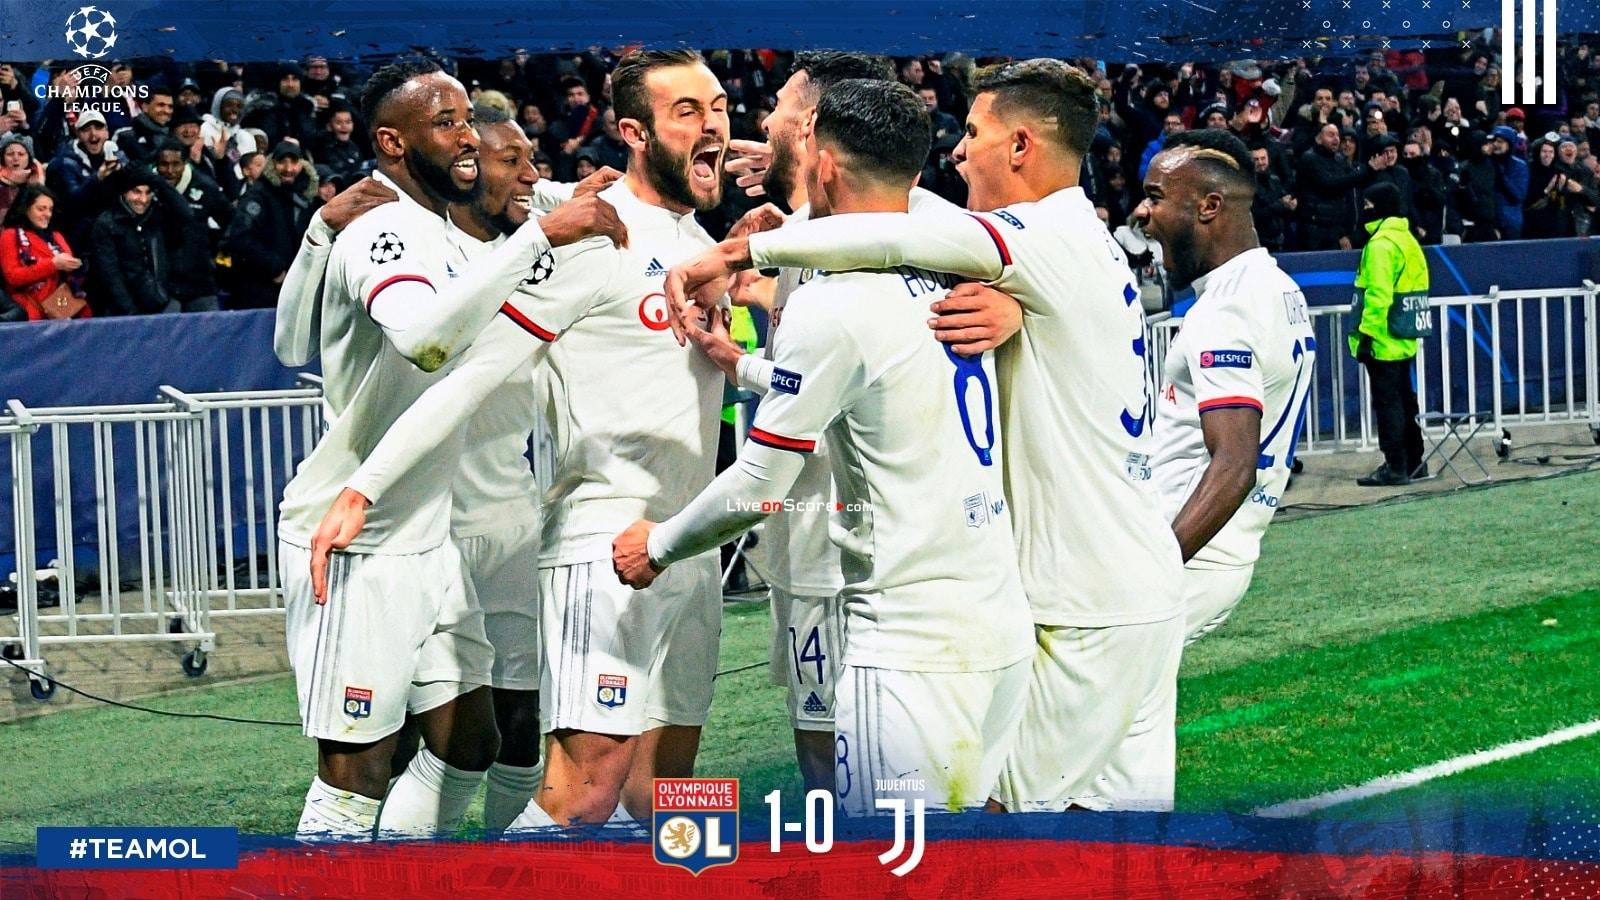 リヨン1 0ユベントスウエファチャンピオンズリーグ1 8最終ftスコア